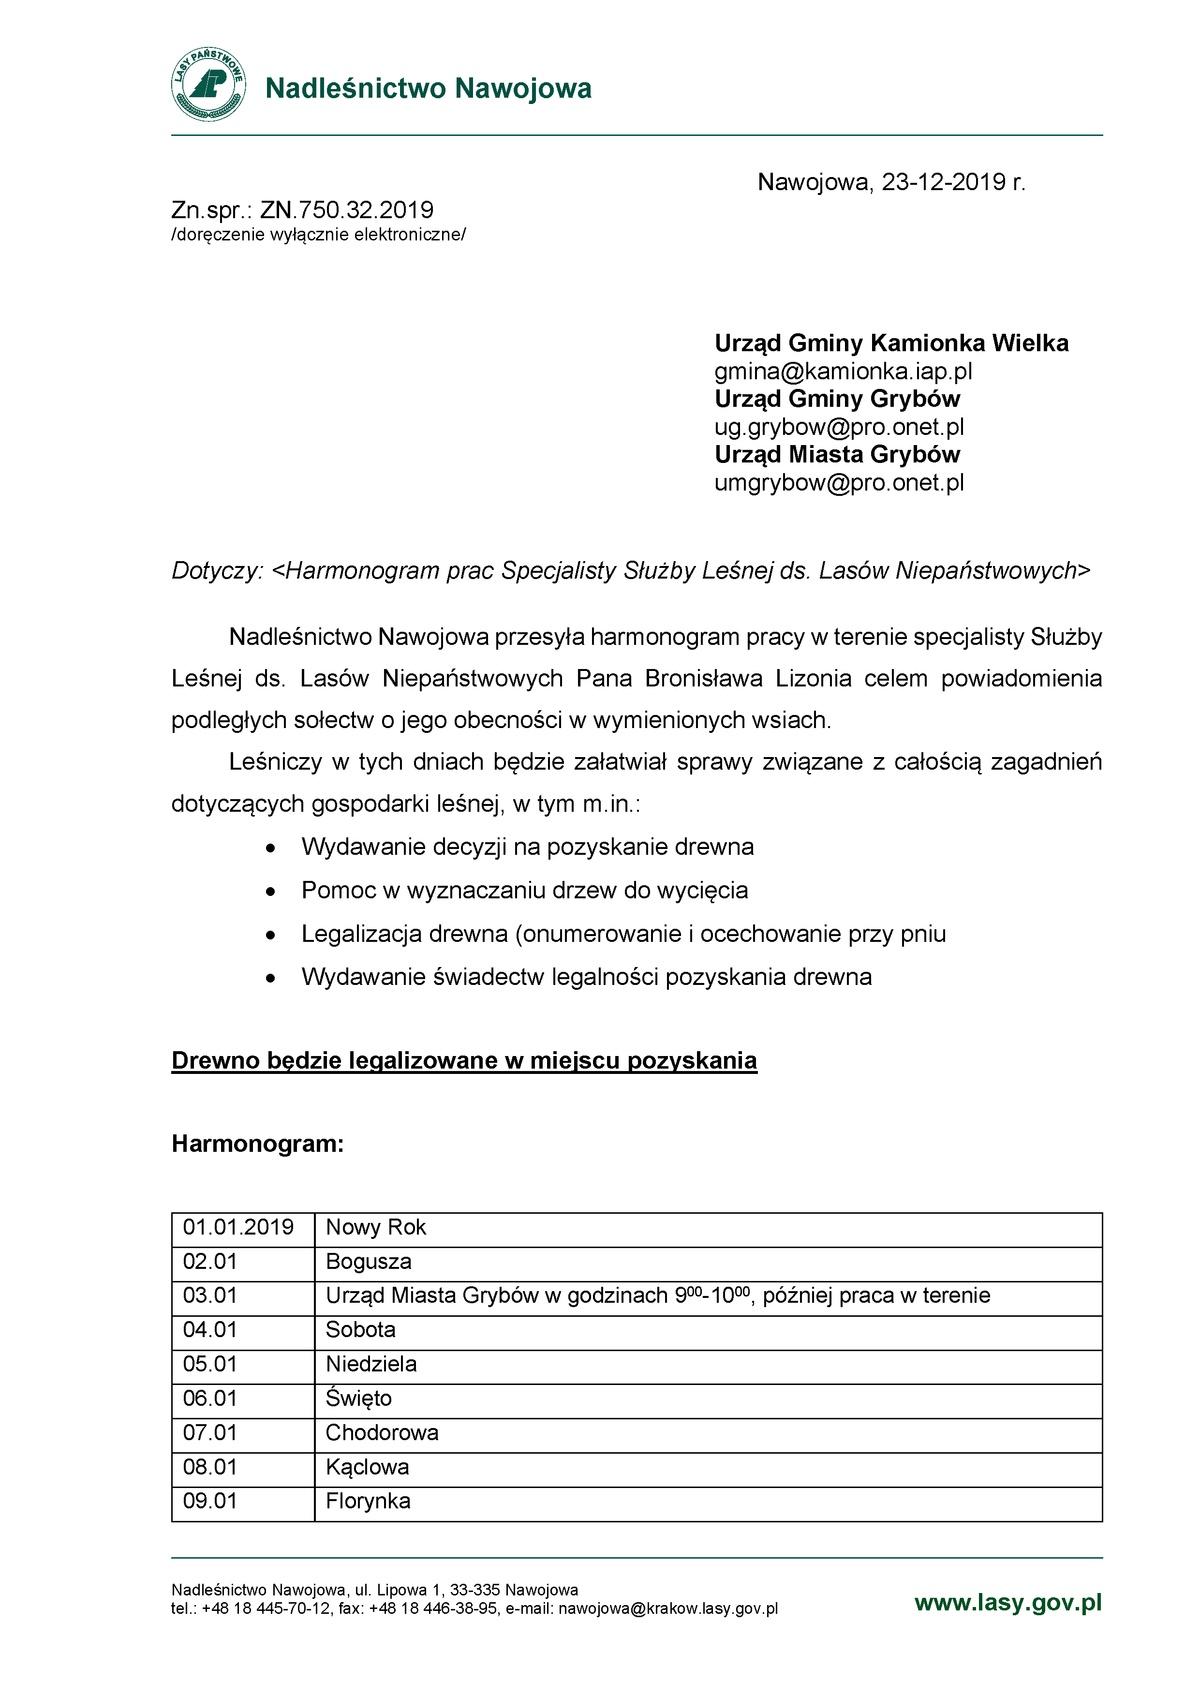 Harmonogram pracy leśniczego: Styczeń 2020